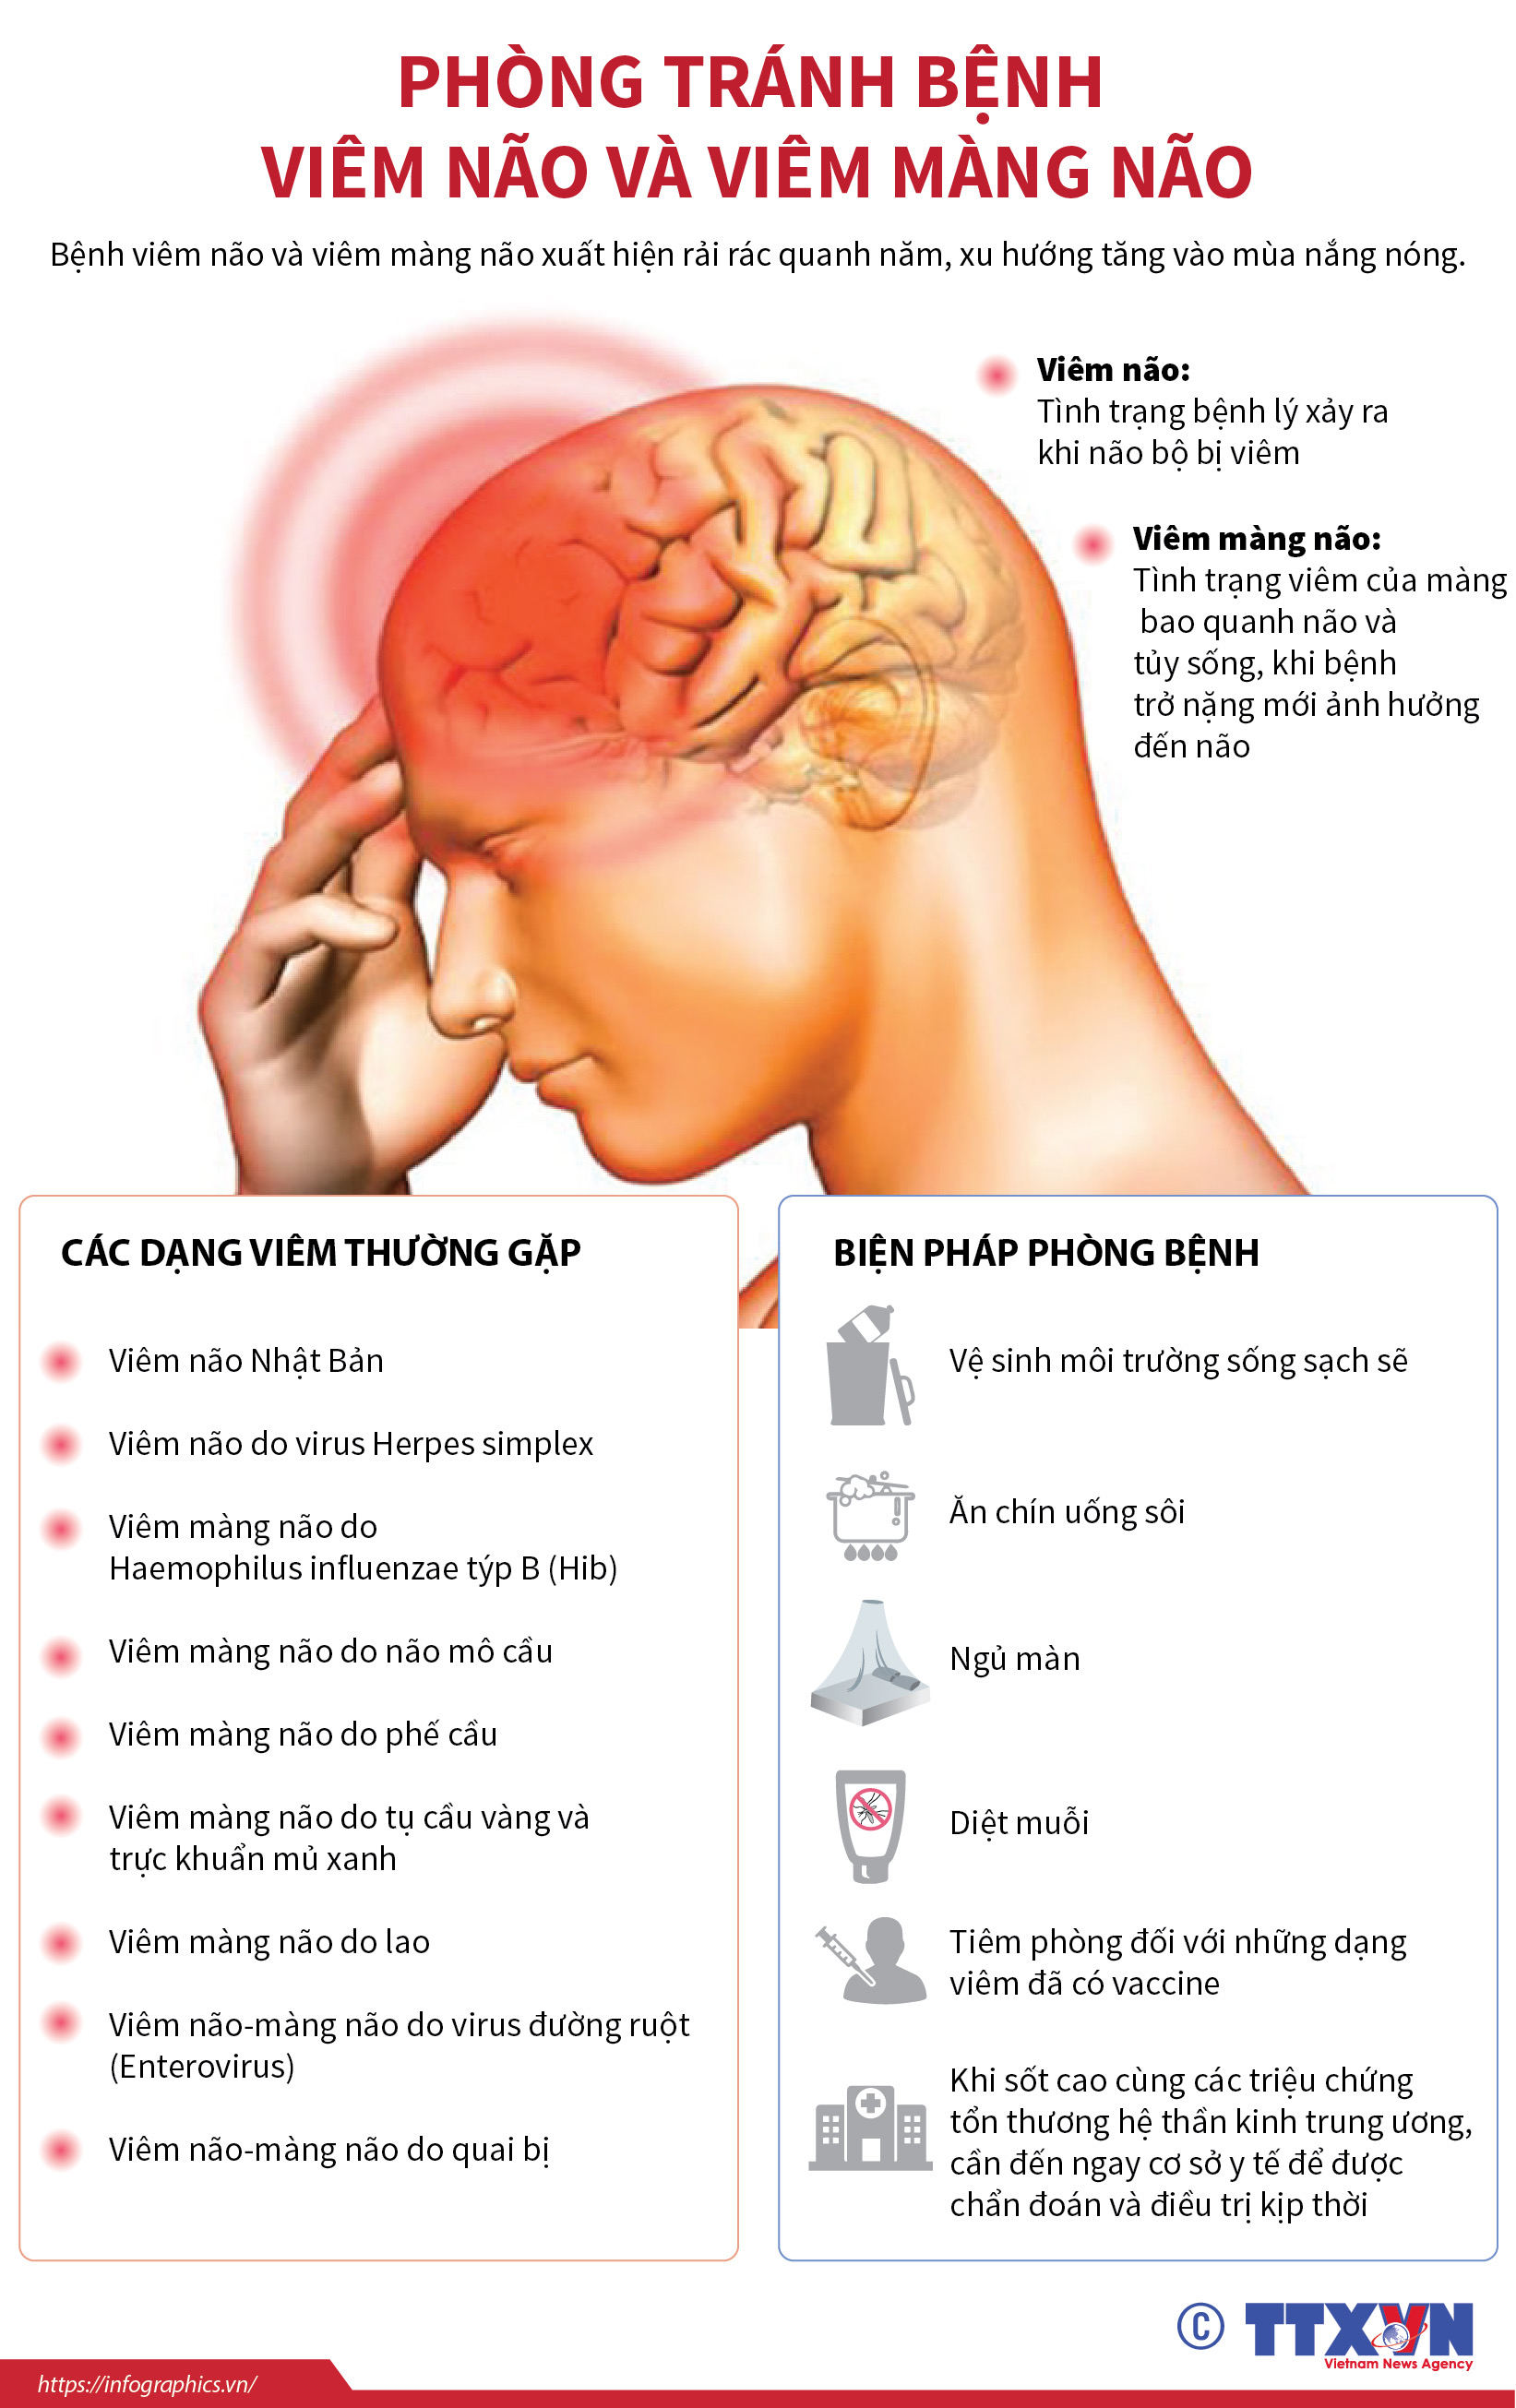 6 biện pháp cần làm ngay để phòng viêm não virus trong mùa hè - Ảnh 1.